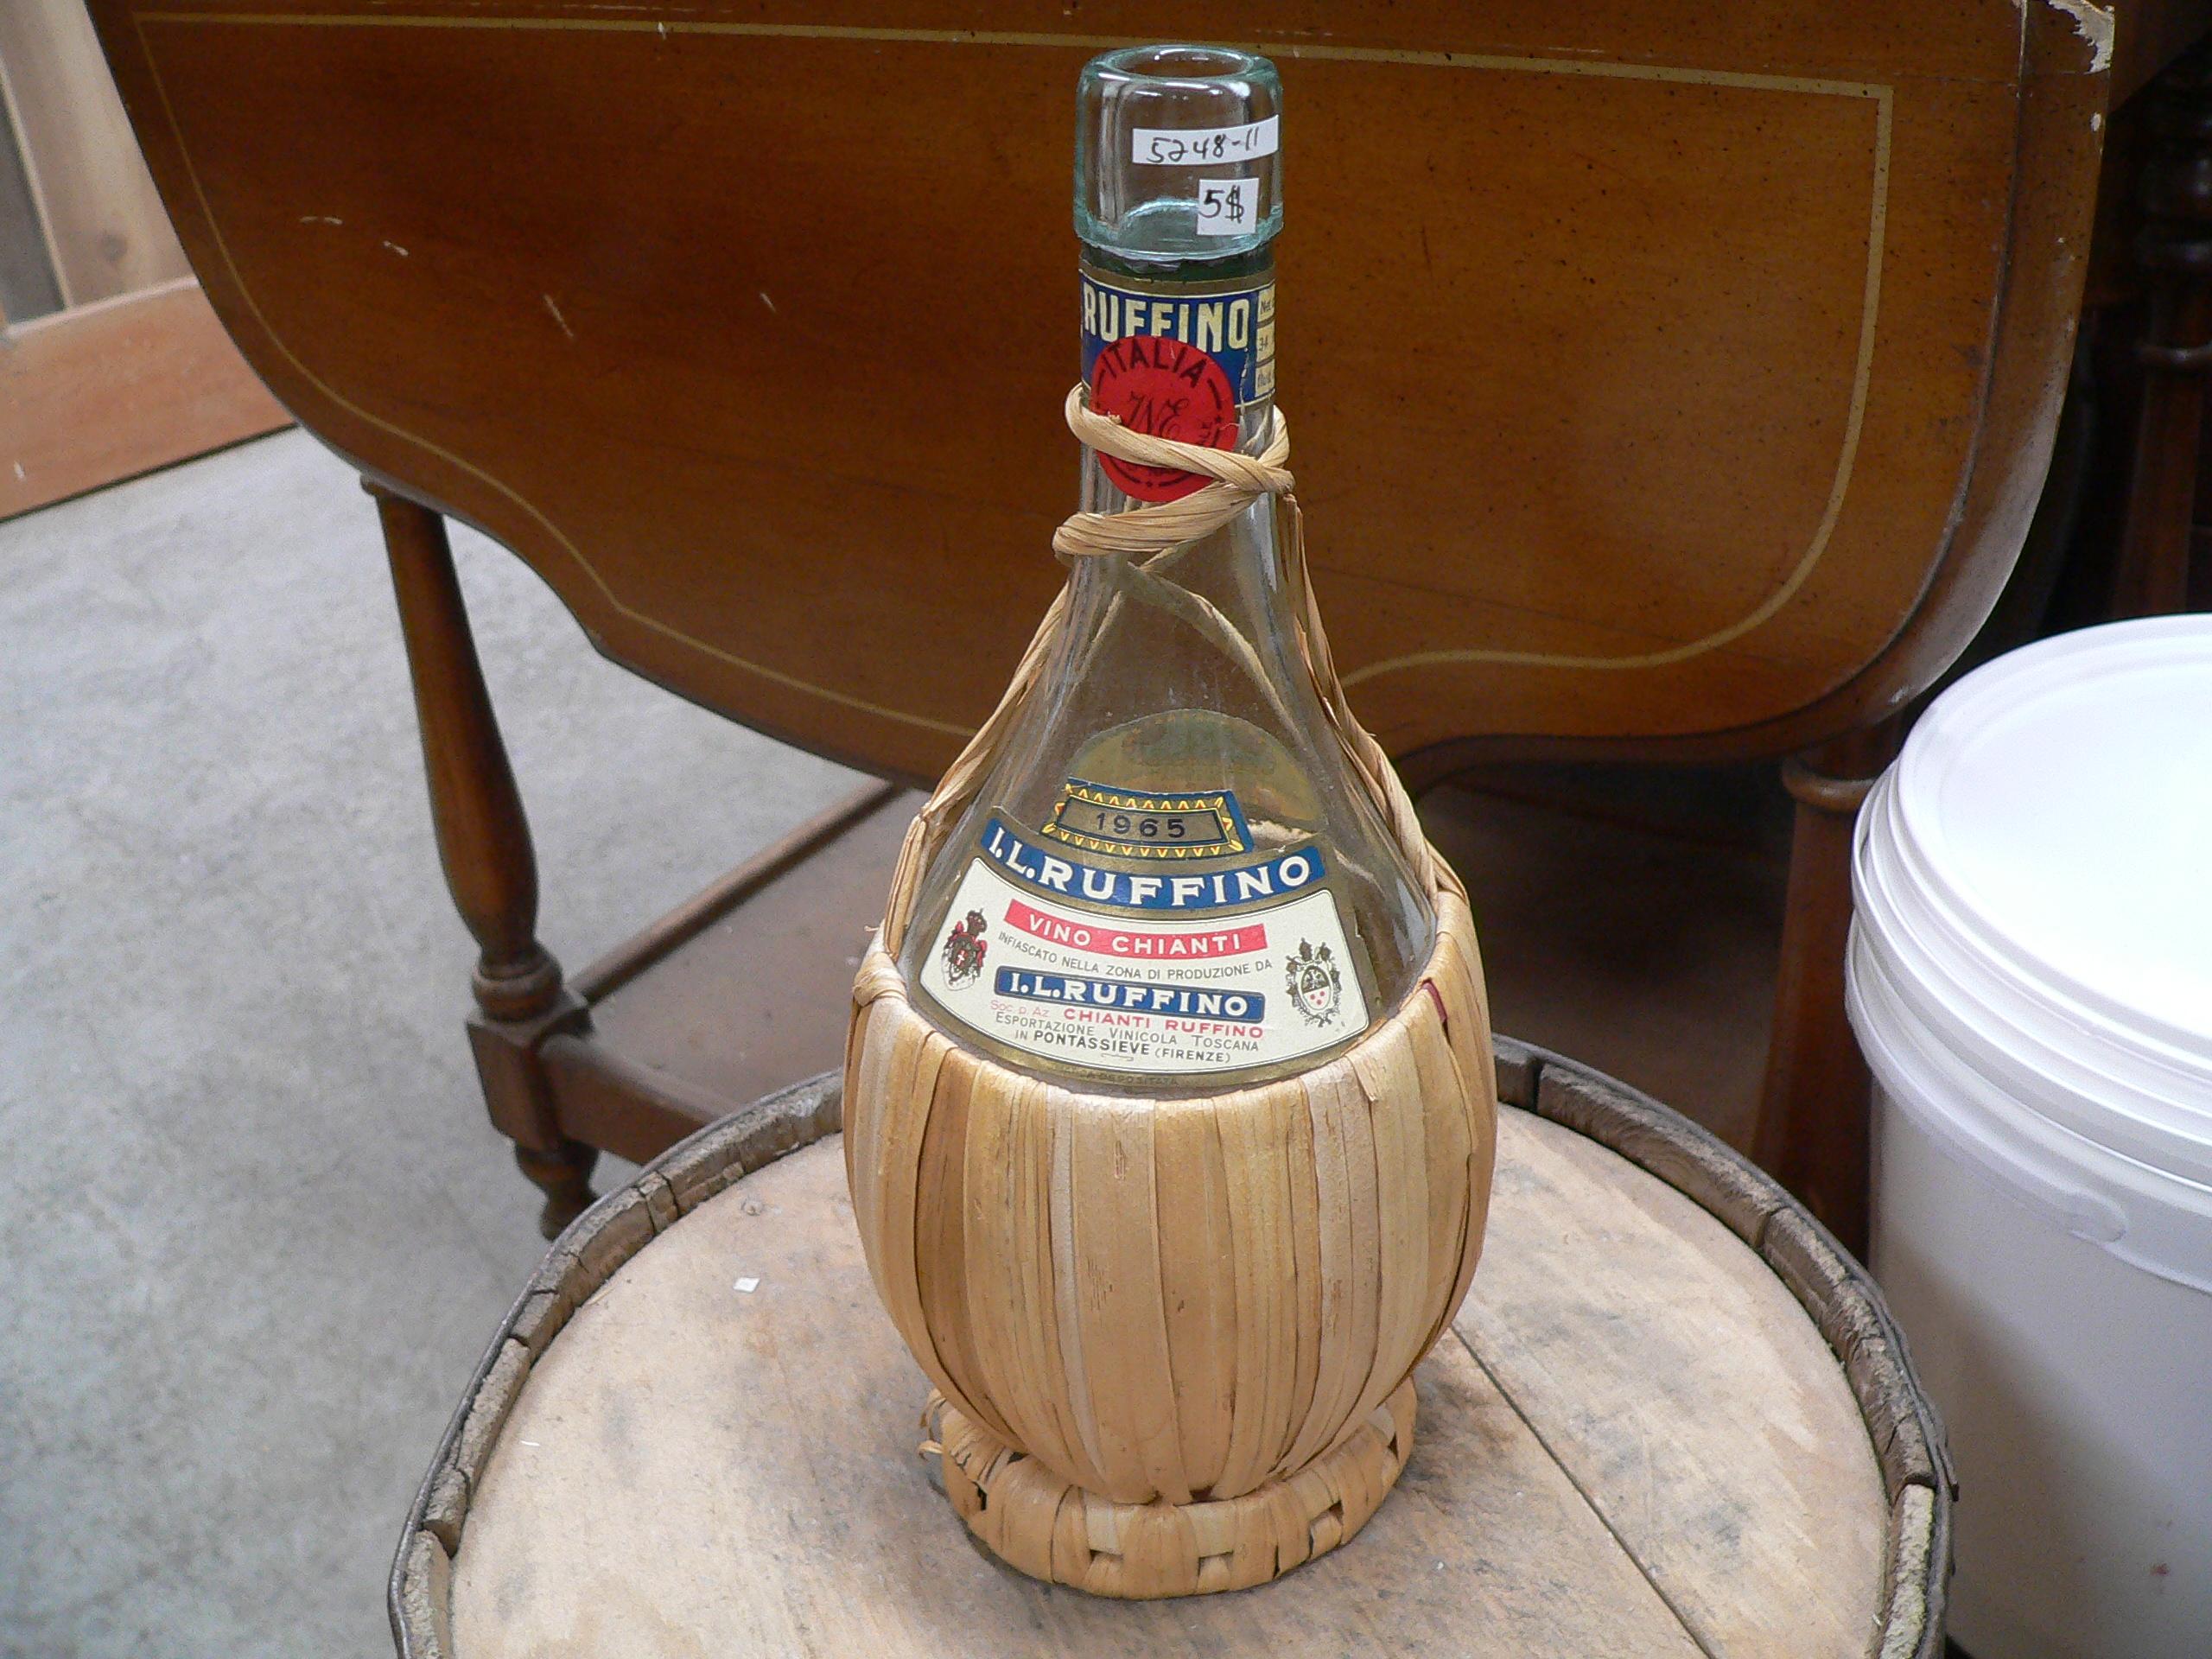 bouteille de vin I.L. Ruffino # 5248.11